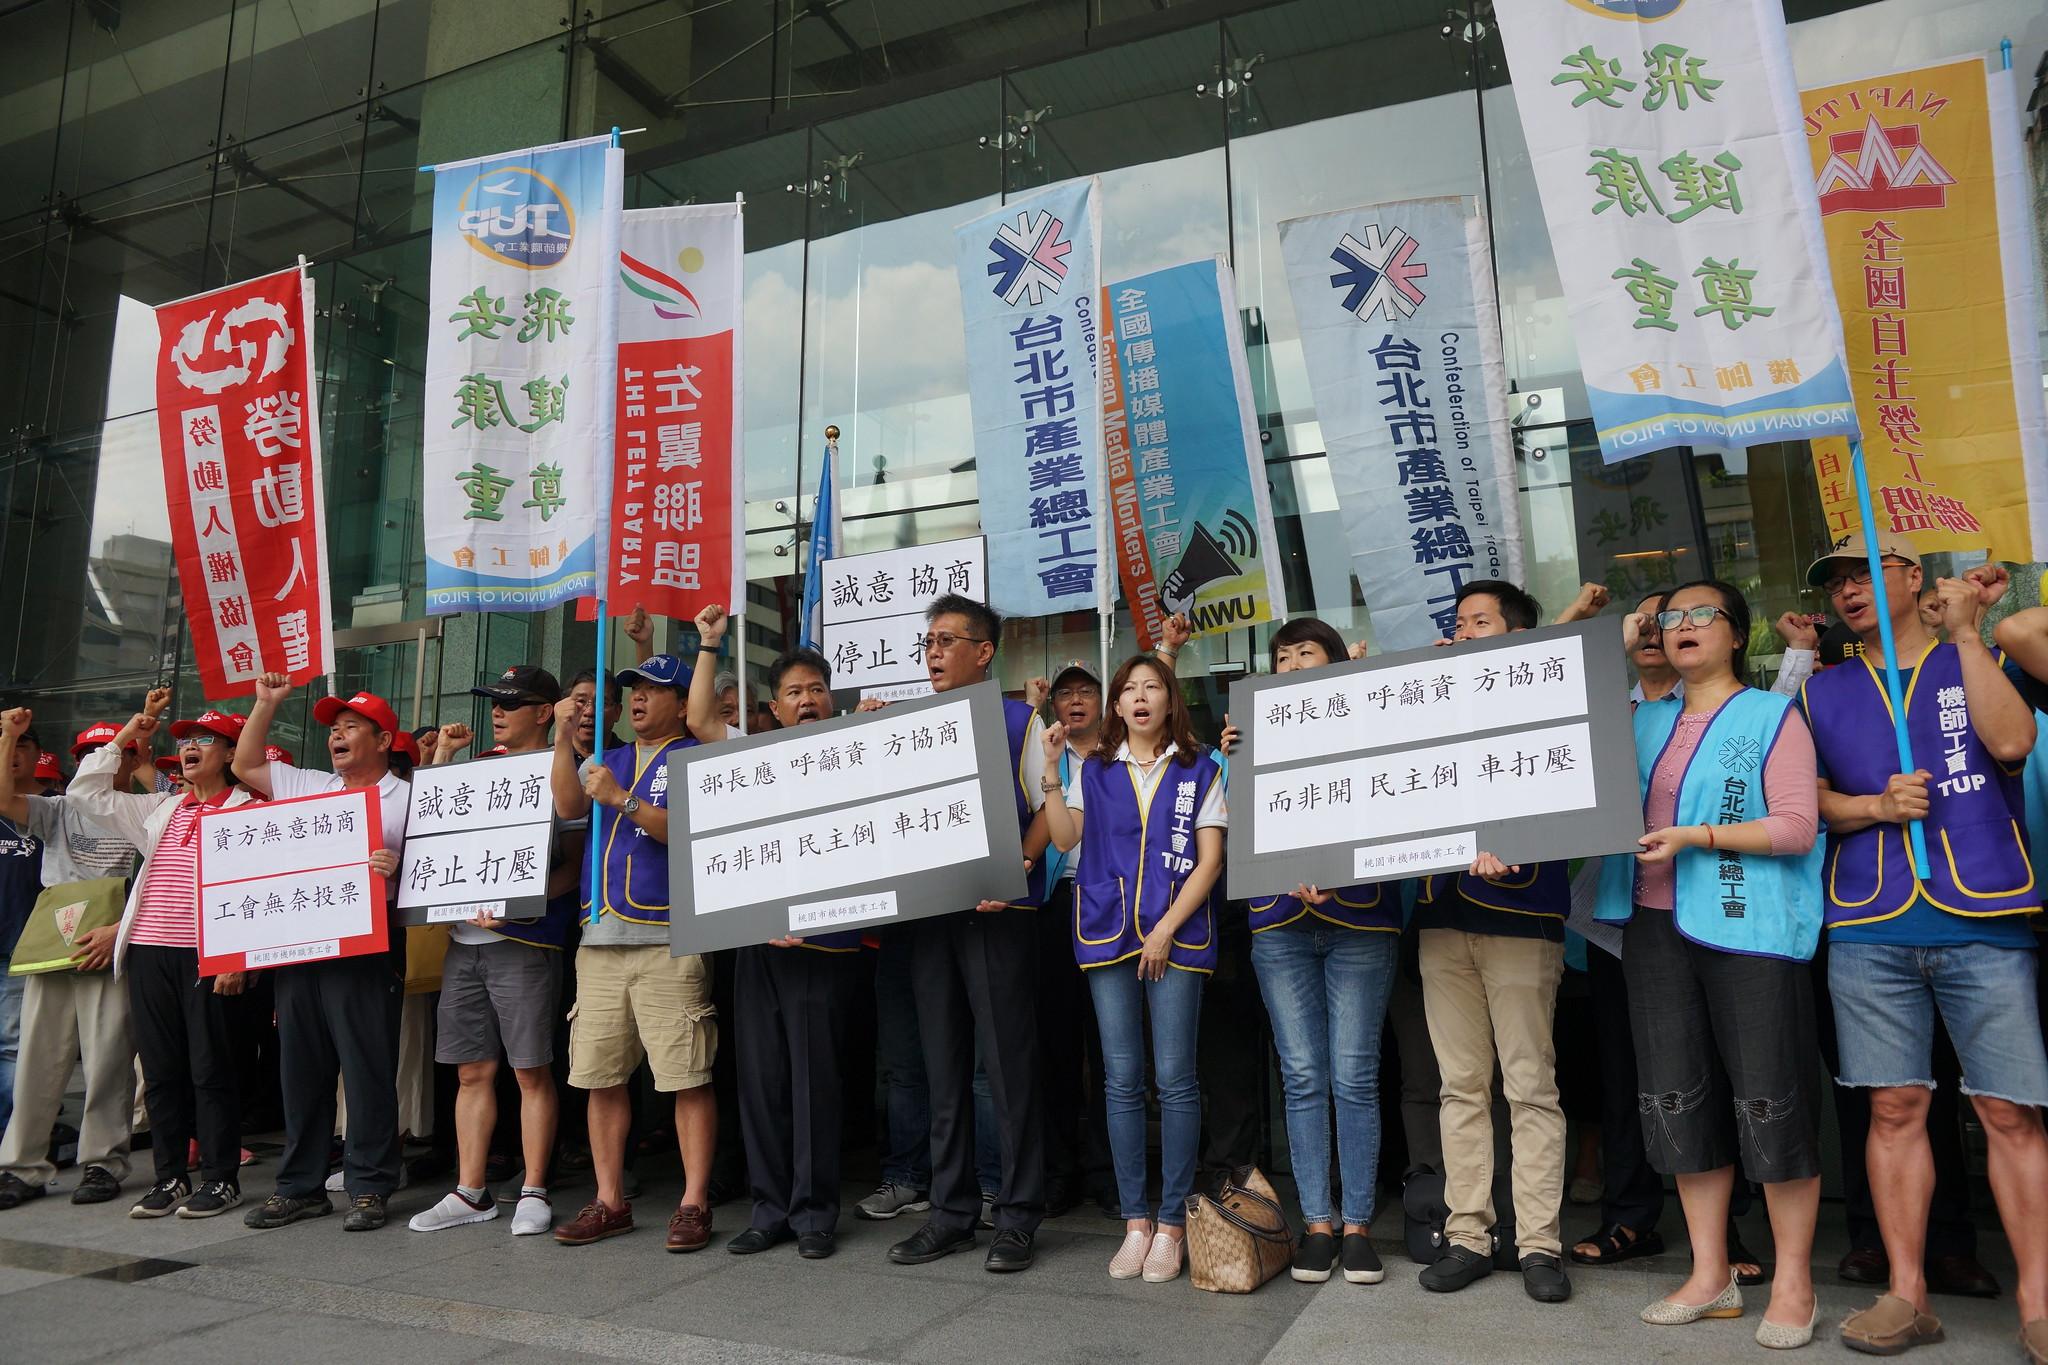 工會呼籲,交通部應積極要求資方與工會協商。(攝影:王顥中)